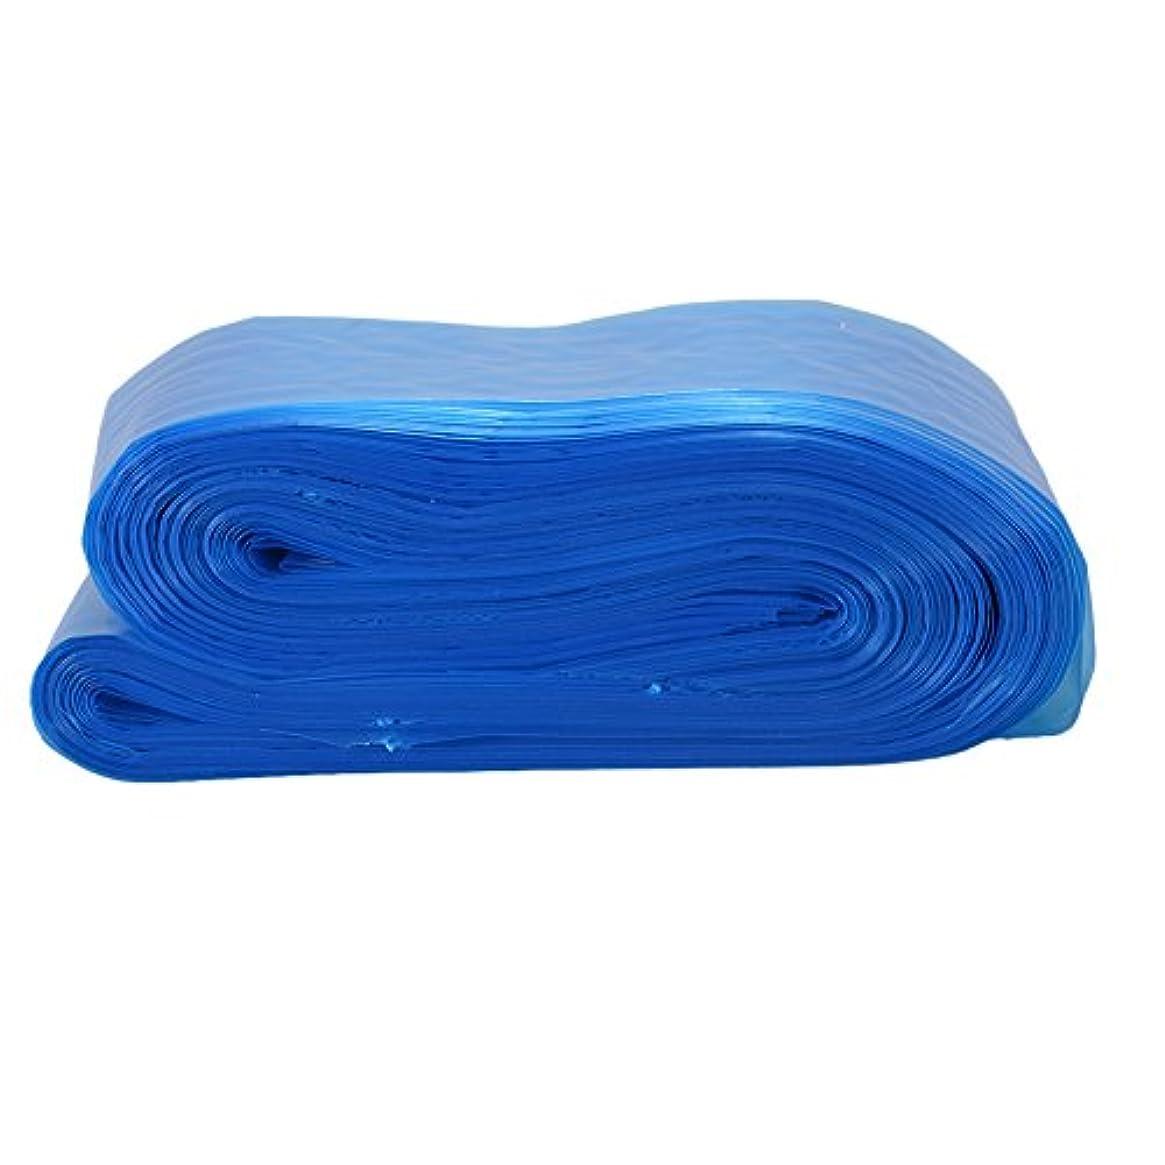 RaiFu タトゥークリップカバー バッグ タトゥーアクセサリー コード スリーブバッグ タトゥーマシンのため 使い捨て プロフェッショナル ブルー 100PCS/パック